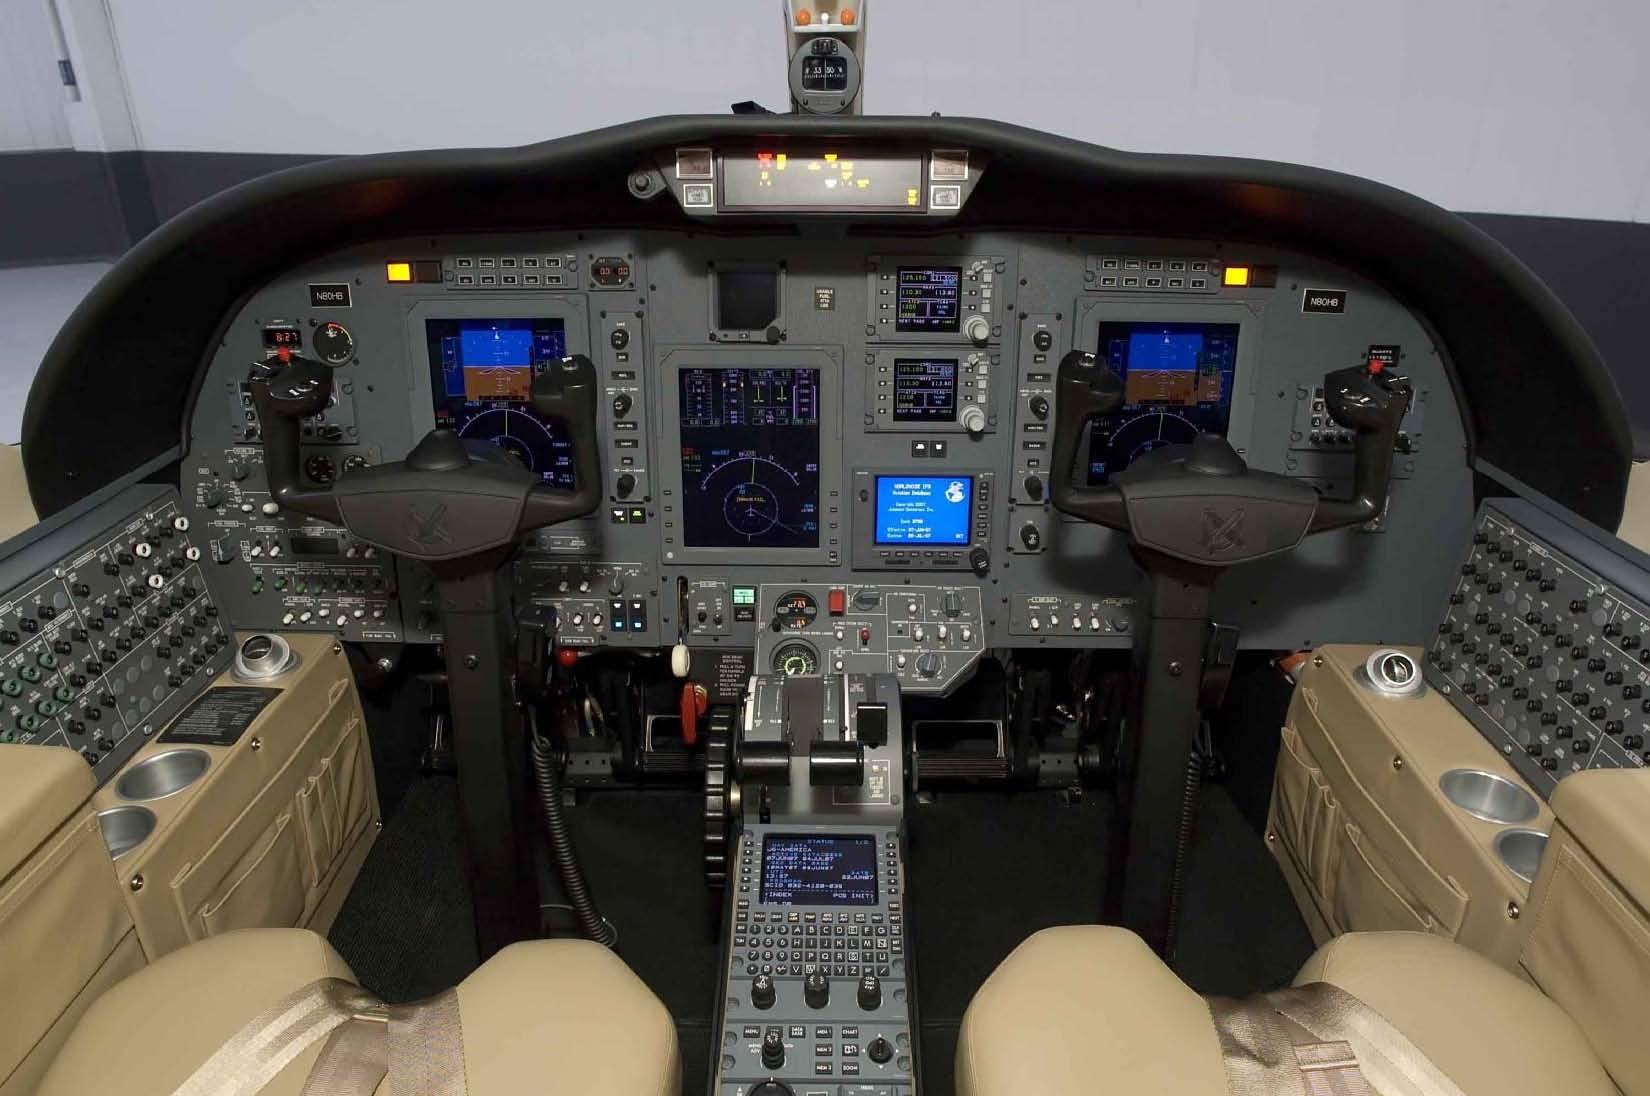 飞机存档 - 食物安全中心喷射机